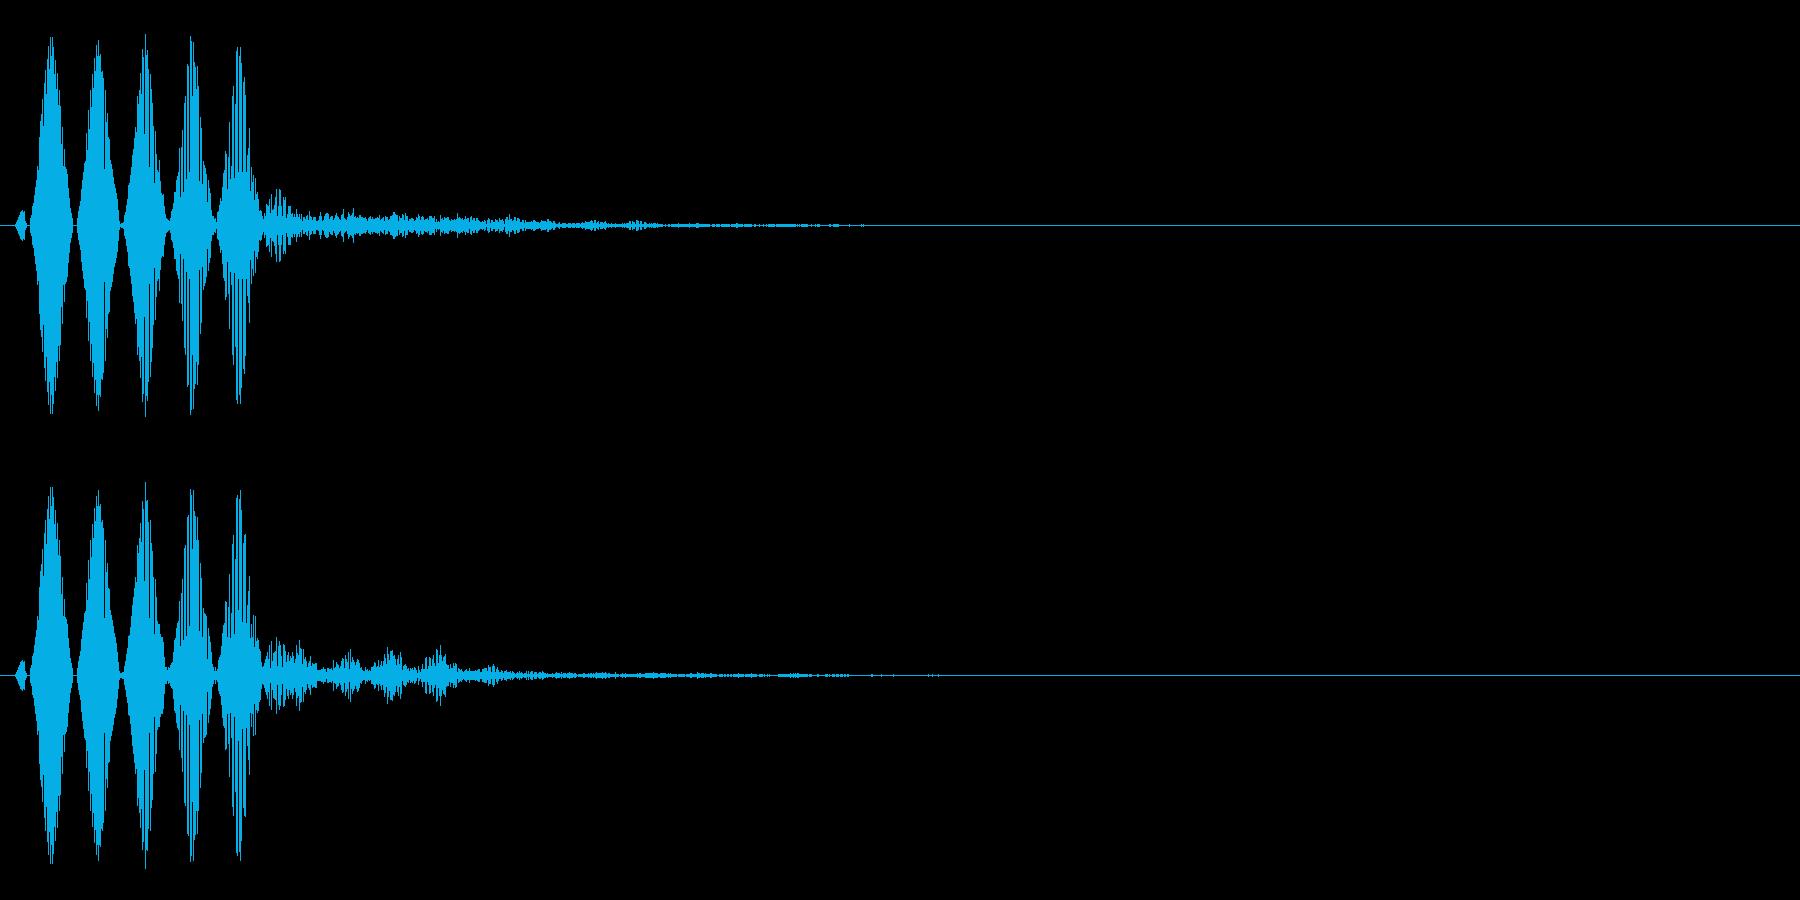 システム停止・閉じる・キャンセル_03の再生済みの波形